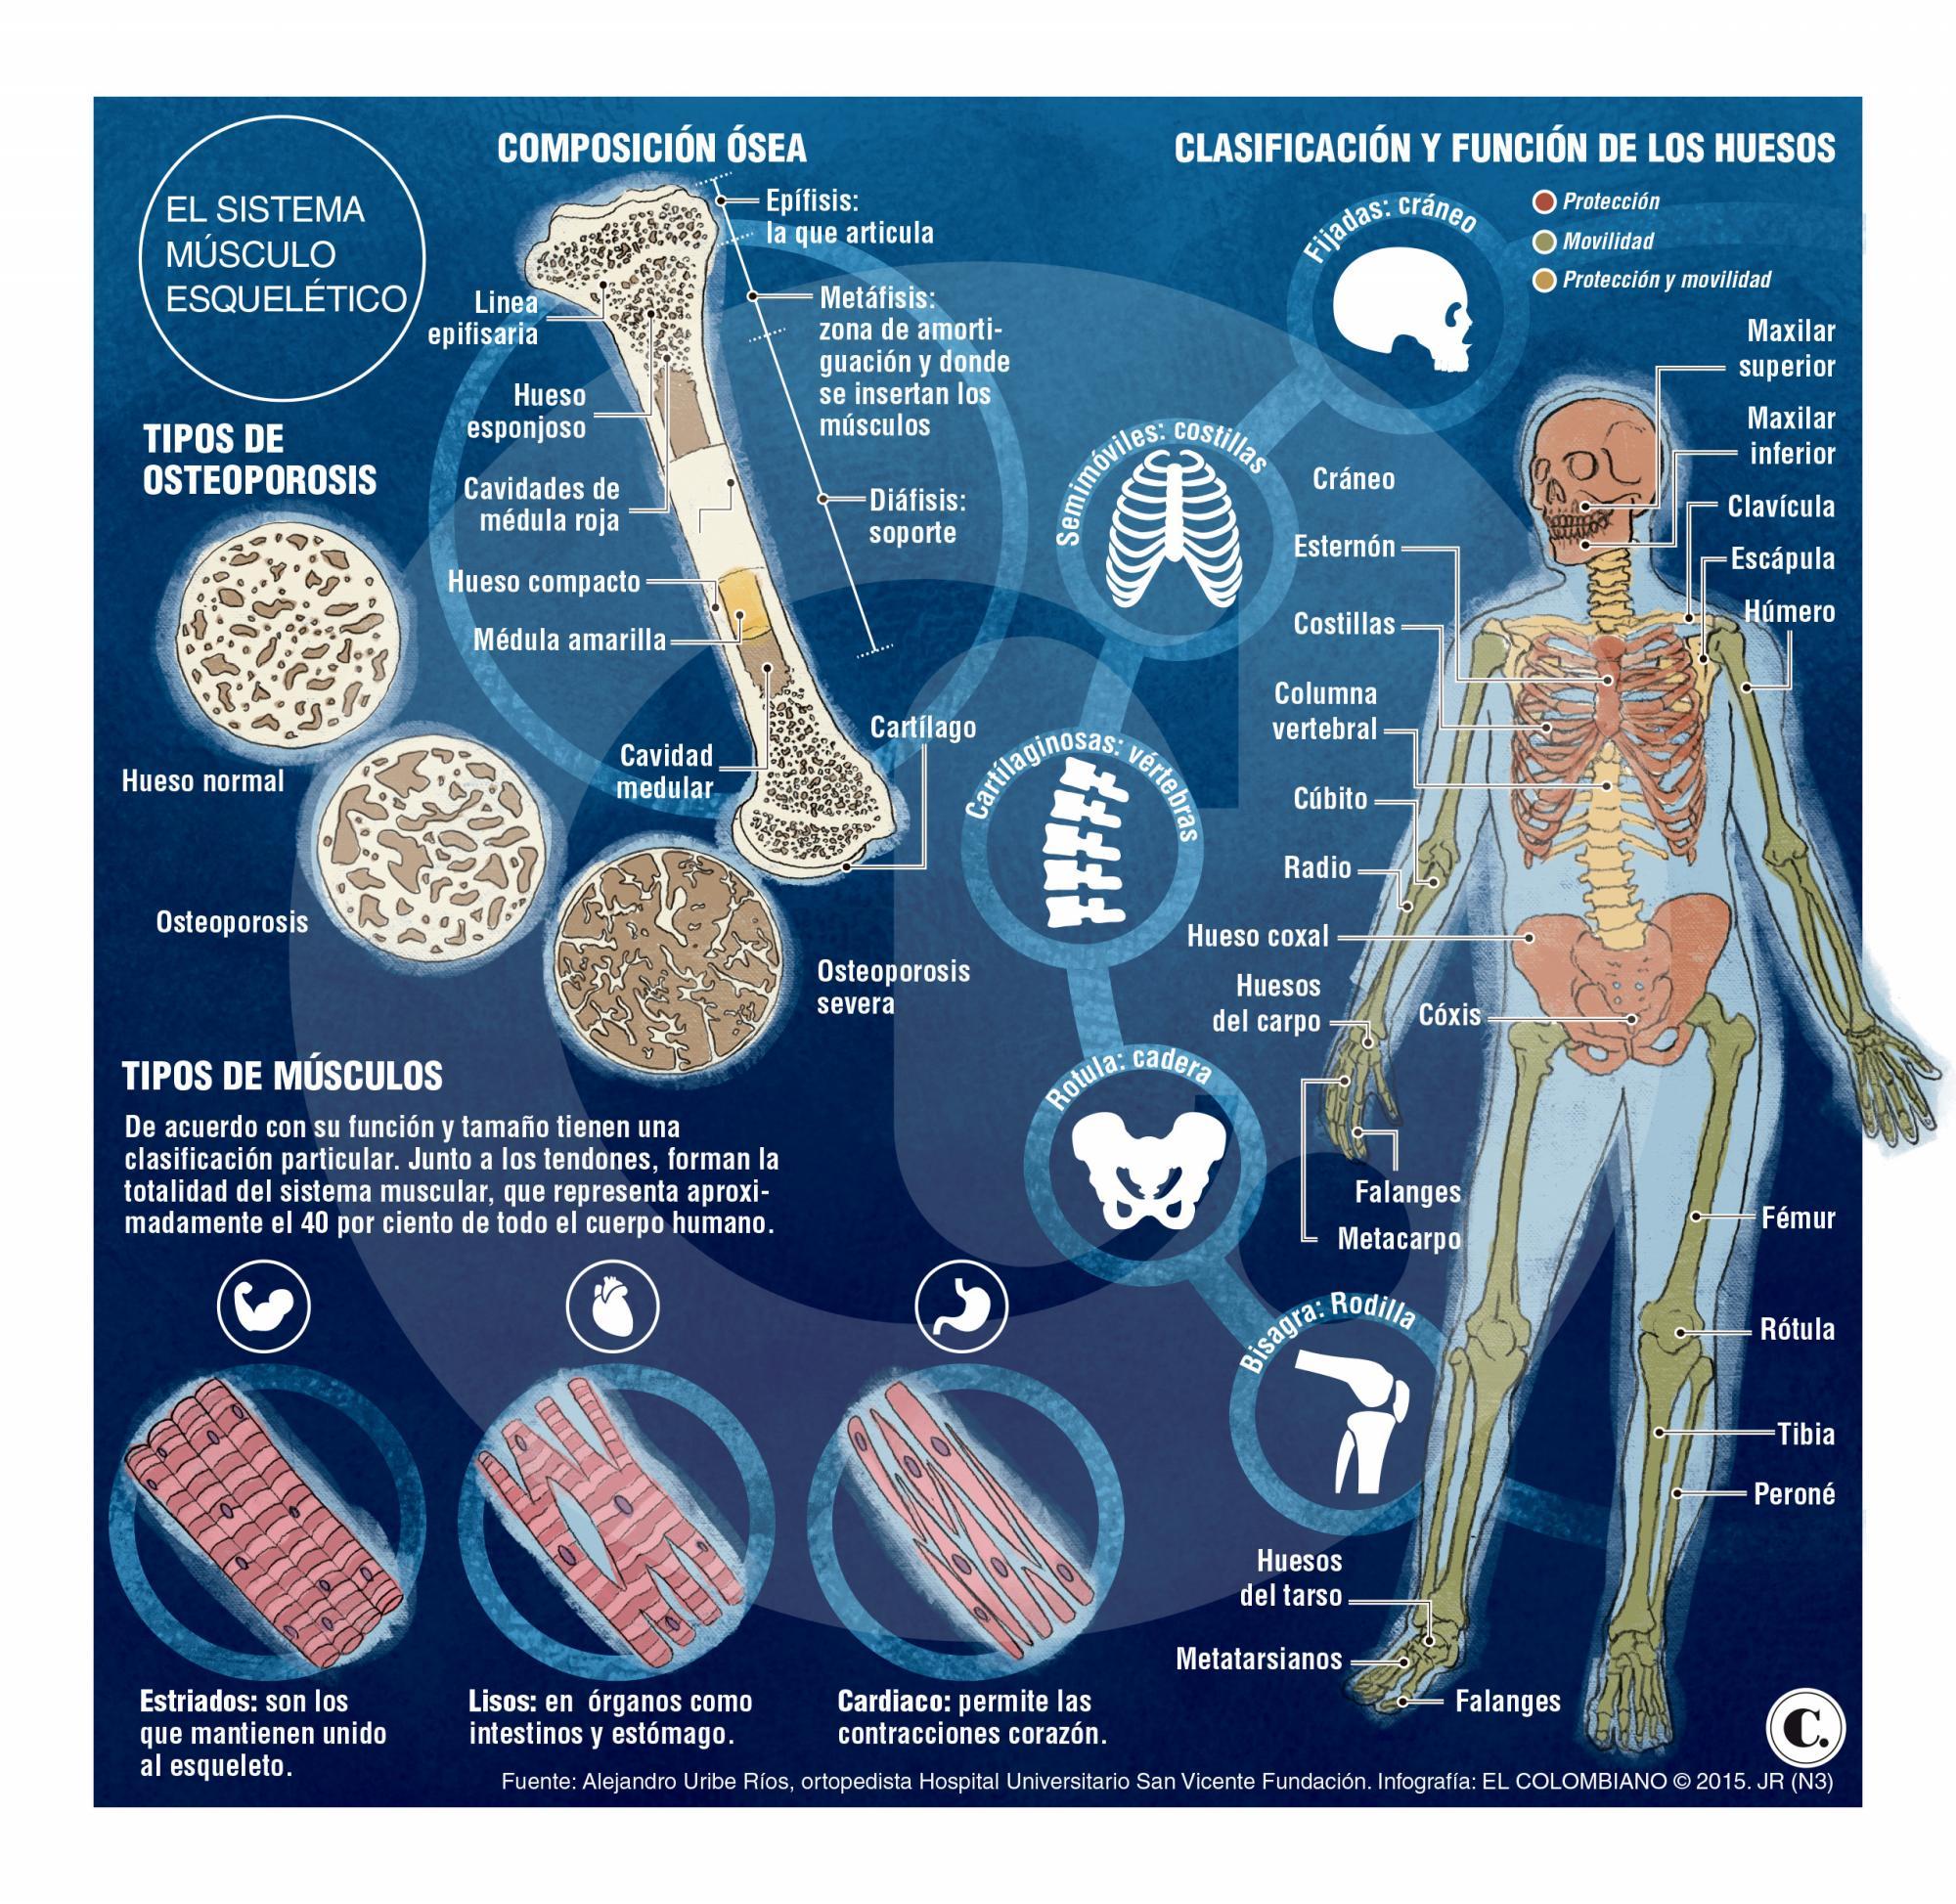 Huesos y músculos, aliados en el movimiento del cuerpo